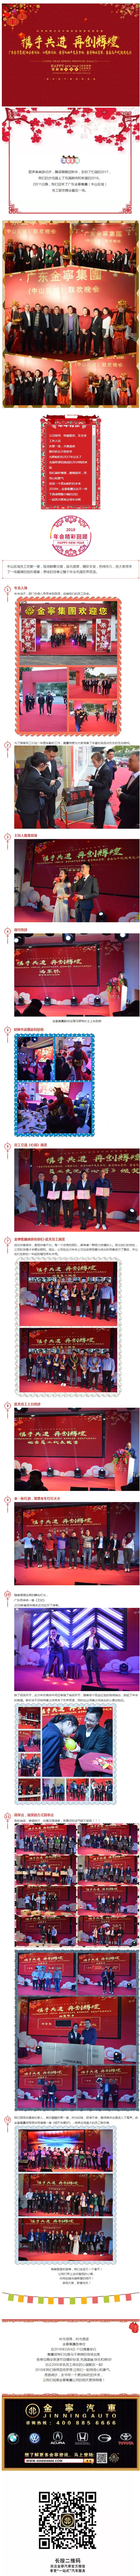 2018年2月11日金寧集團(中山区域)员工联欢晚会圆满结束.jpg